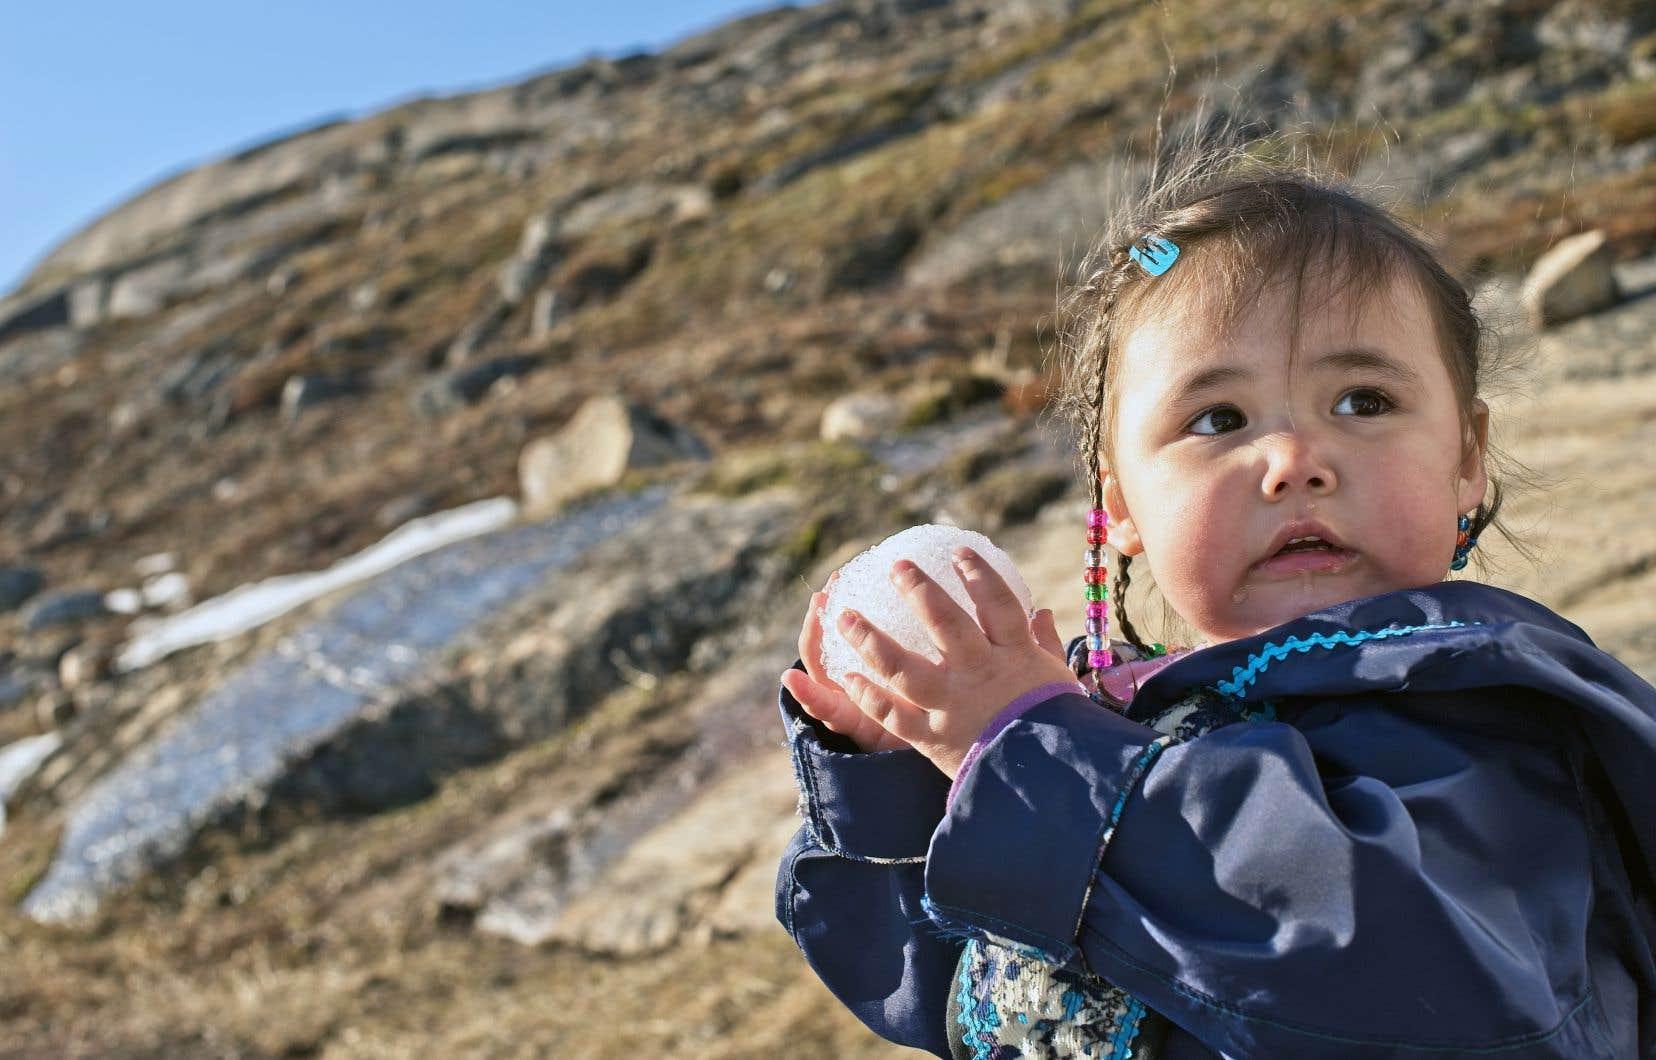 Les enfants de Puvirnituq sont issus de la neige et de la toundra, de l'infini et d'un «vaste ciel sans vent, ni faim, ni violence».